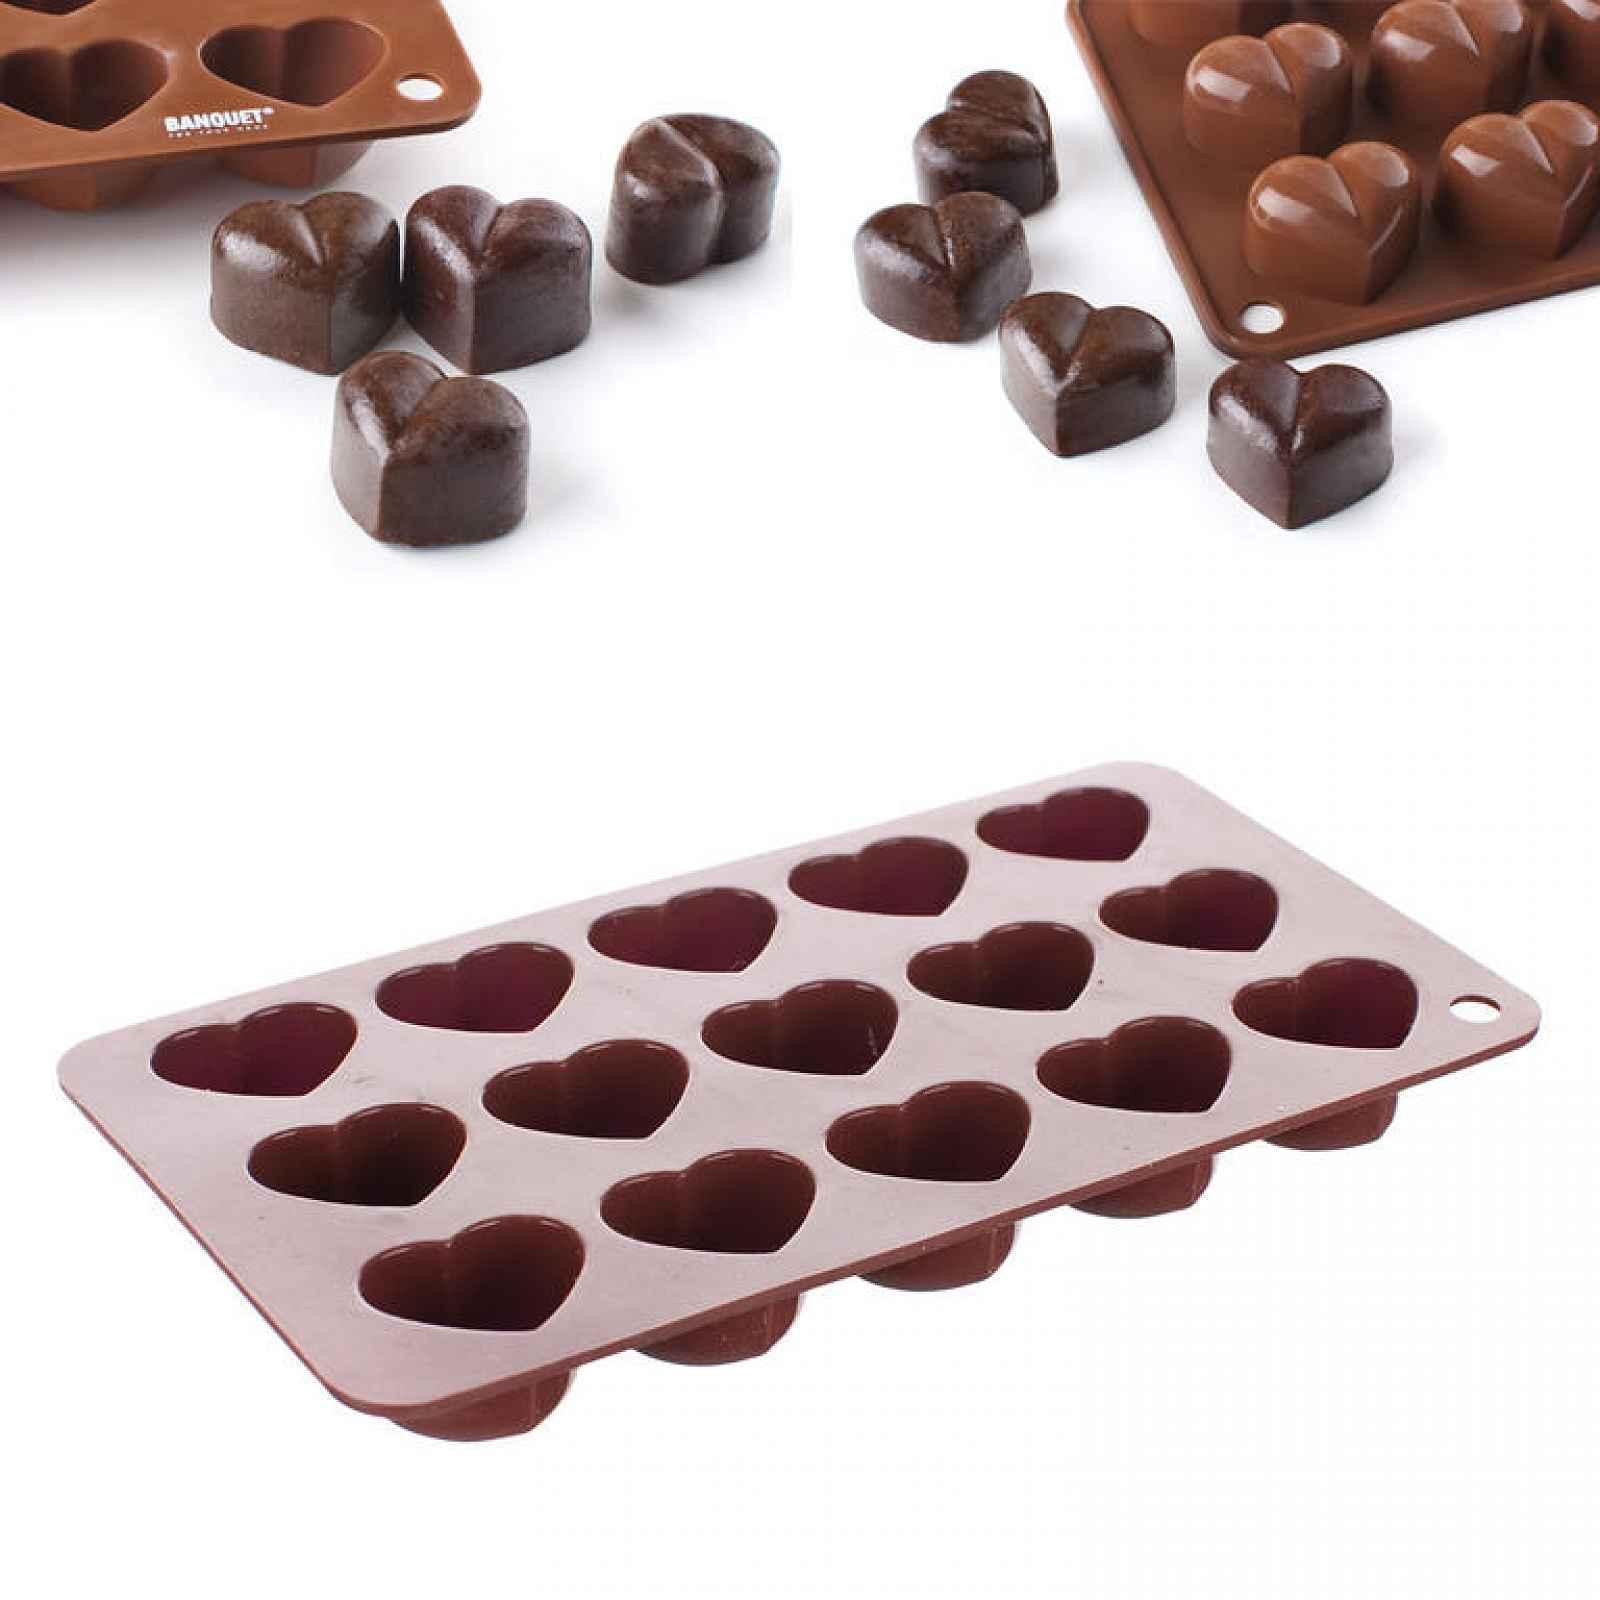 Banquet Formičky na čokoládu silikonové Culinaria Brown serdíčka 20,5x10,5 cm